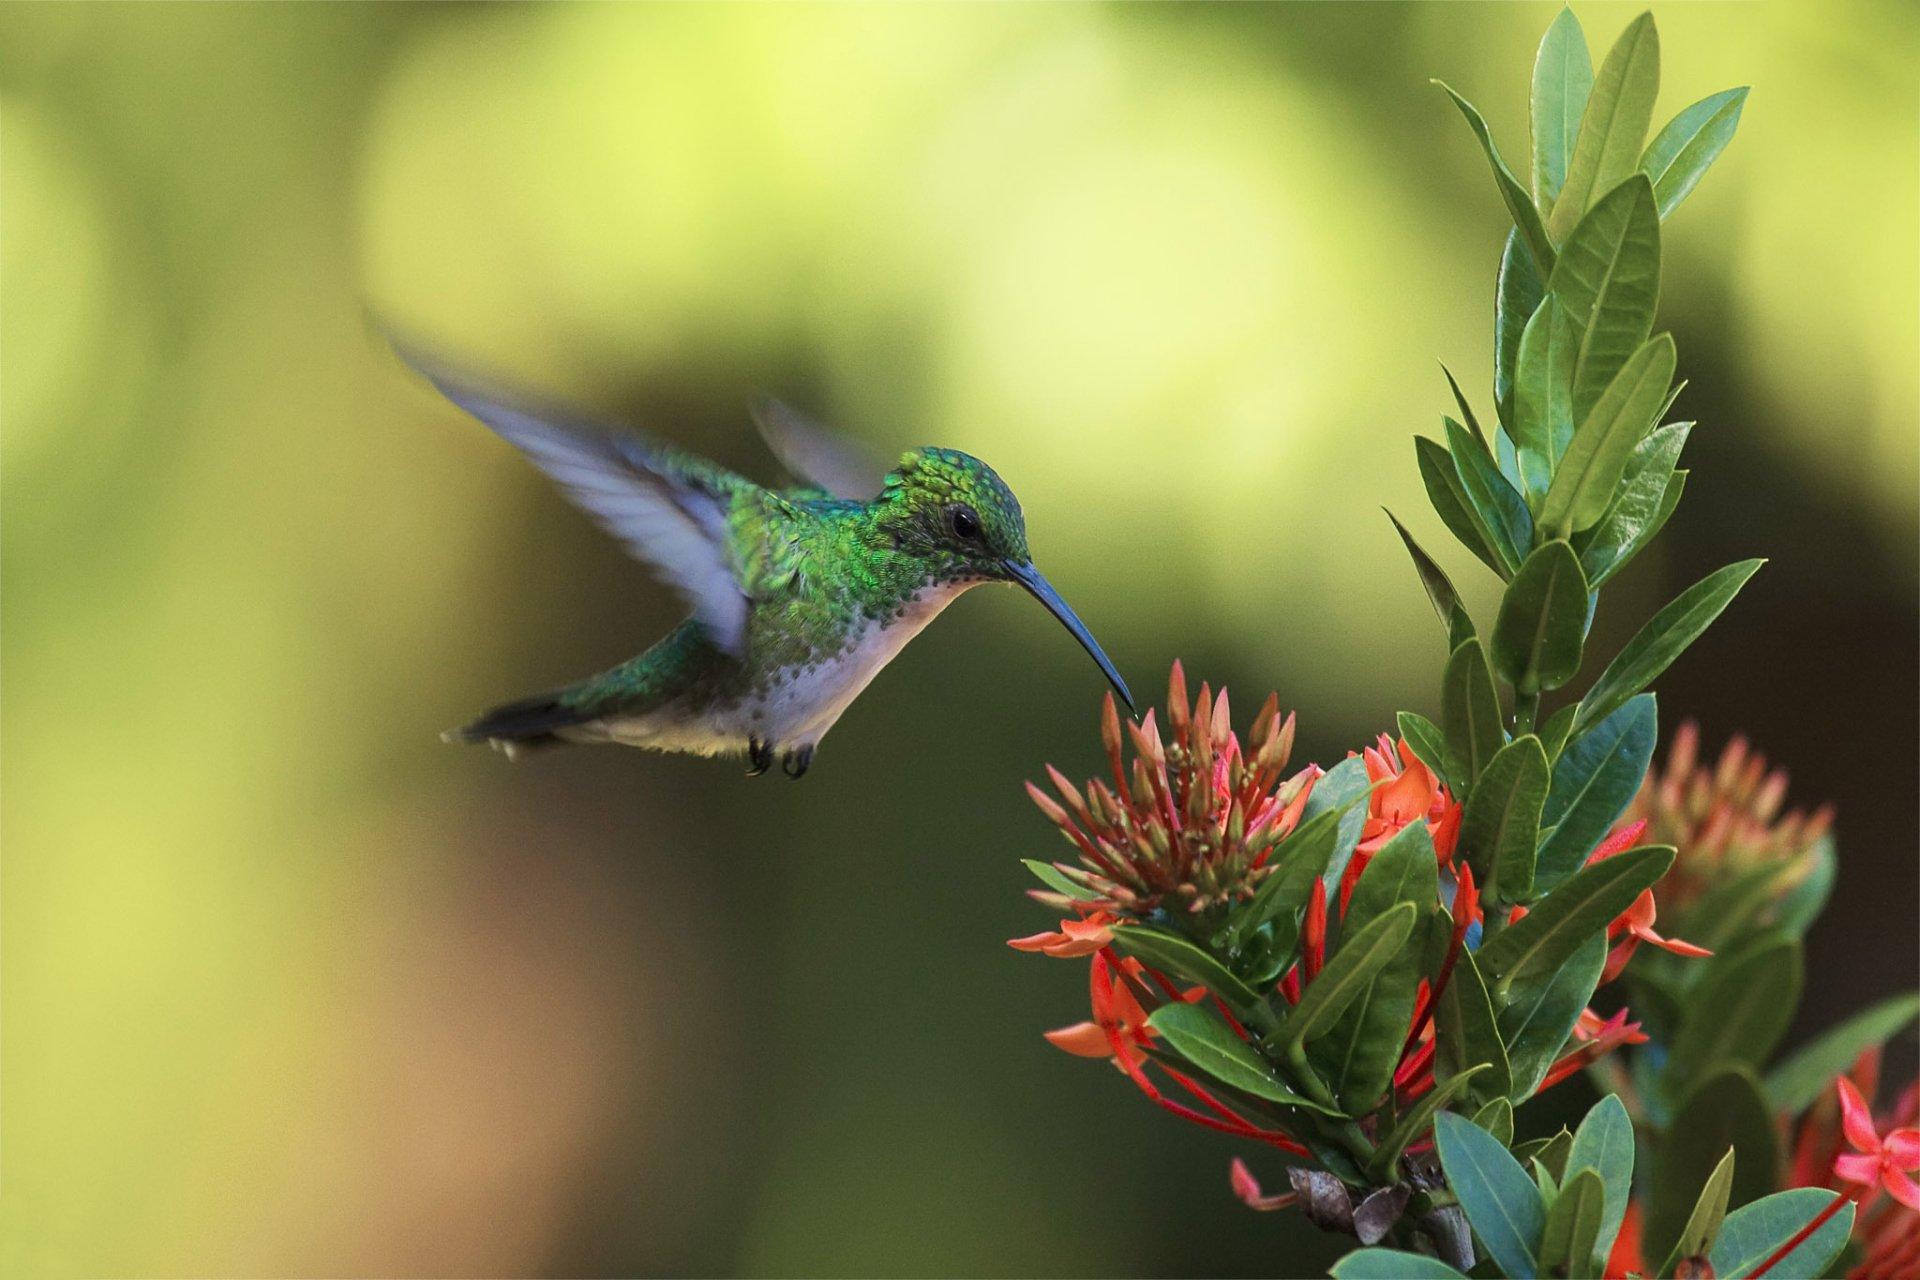 Animal - Hummingbird  Blossom Flower Bird Wallpaper